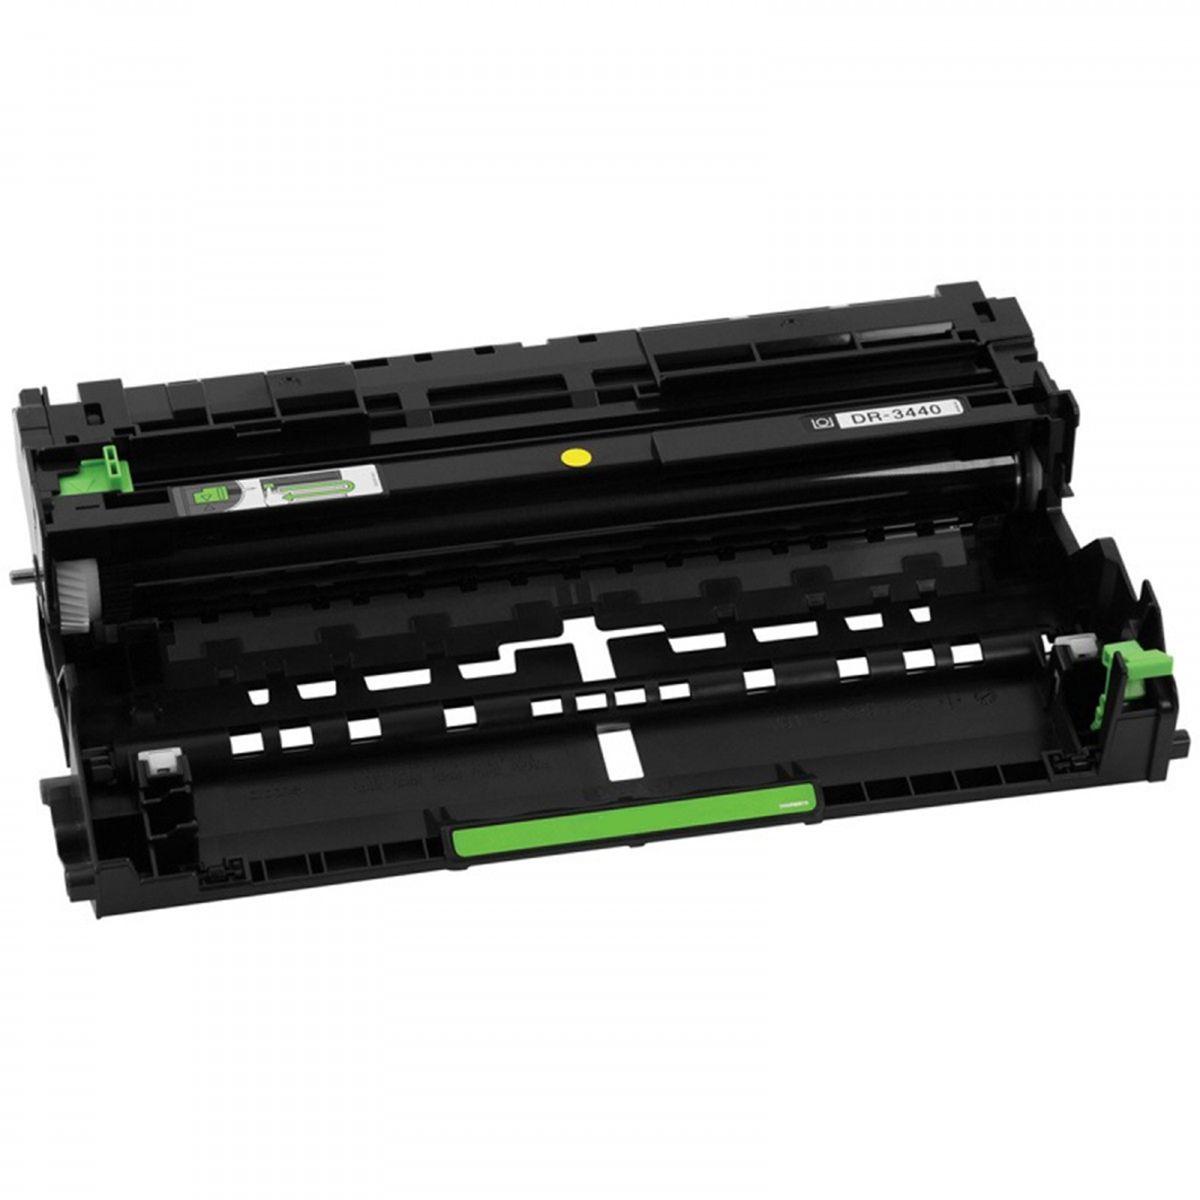 Compativel: Fotocondutor para  Brother DR3442 3440 3400 DR820 DR3472 L5502DN L5602DN L5702DW L6702DN L5802DW L5902DW 30k